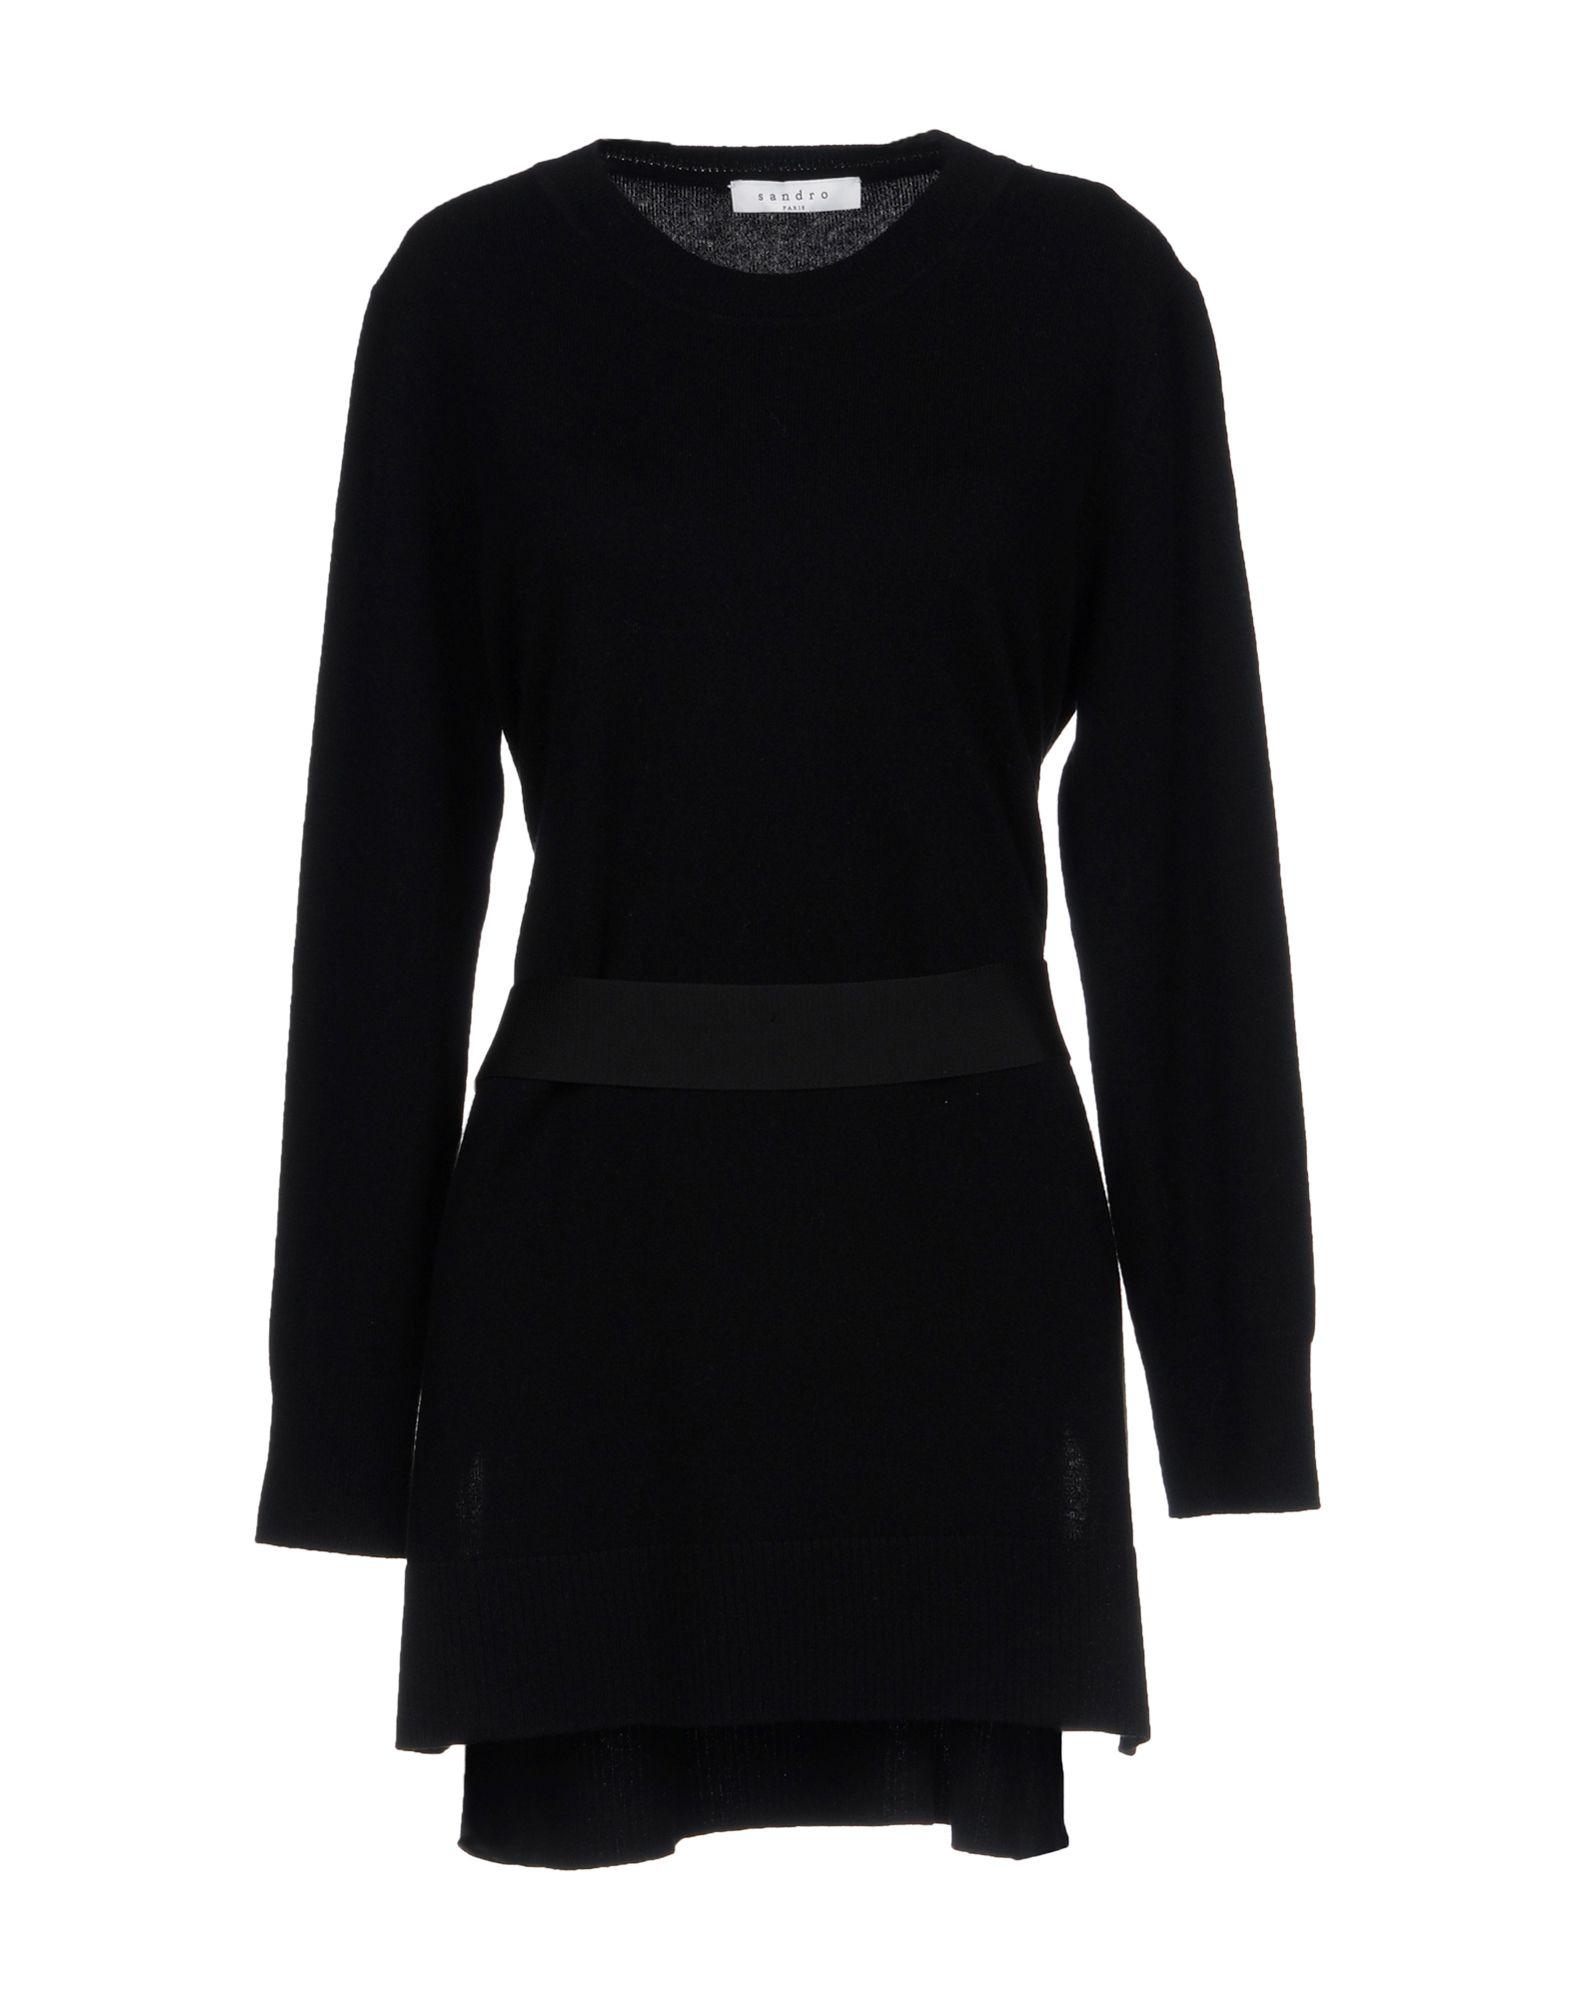 SANDRO PARIS Sweater in Black